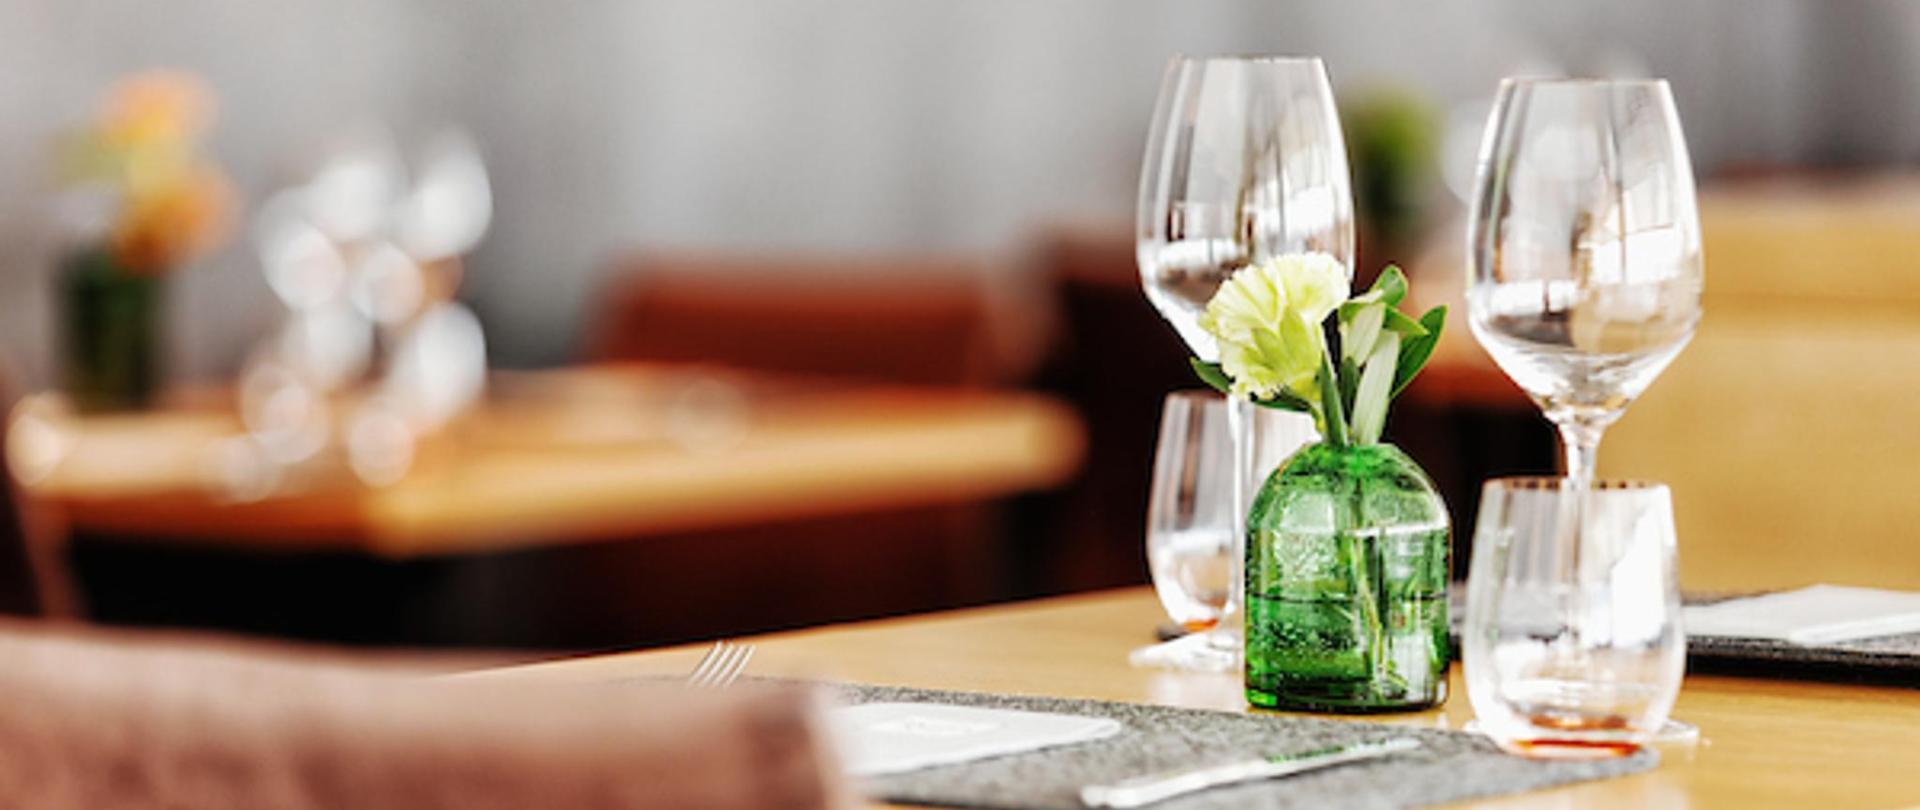 Restaurant innen Stimmung small.jpg